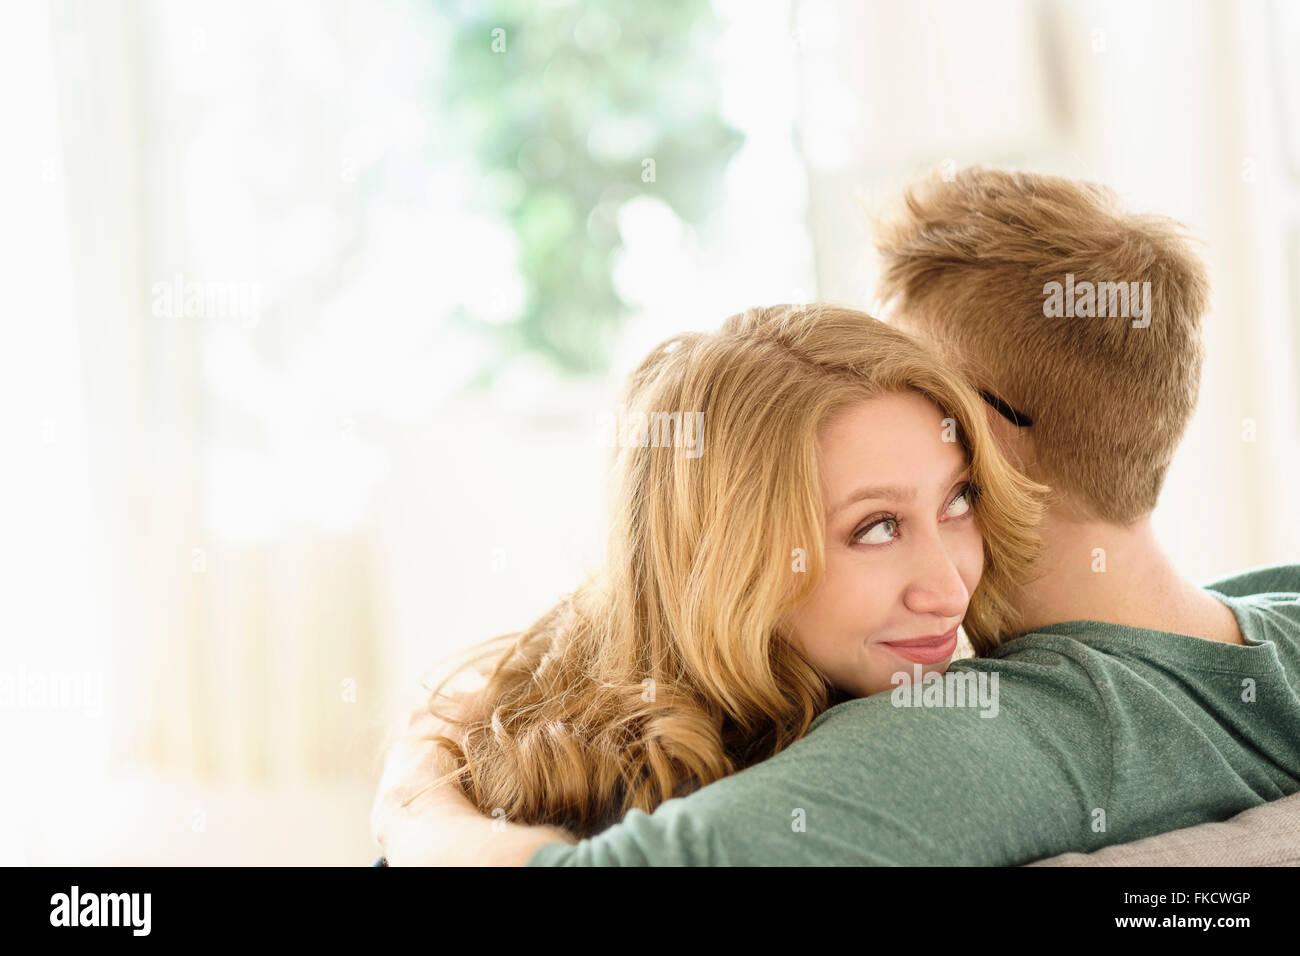 Junge Frau auf der Suche über die Schulter des Freundes Stockbild